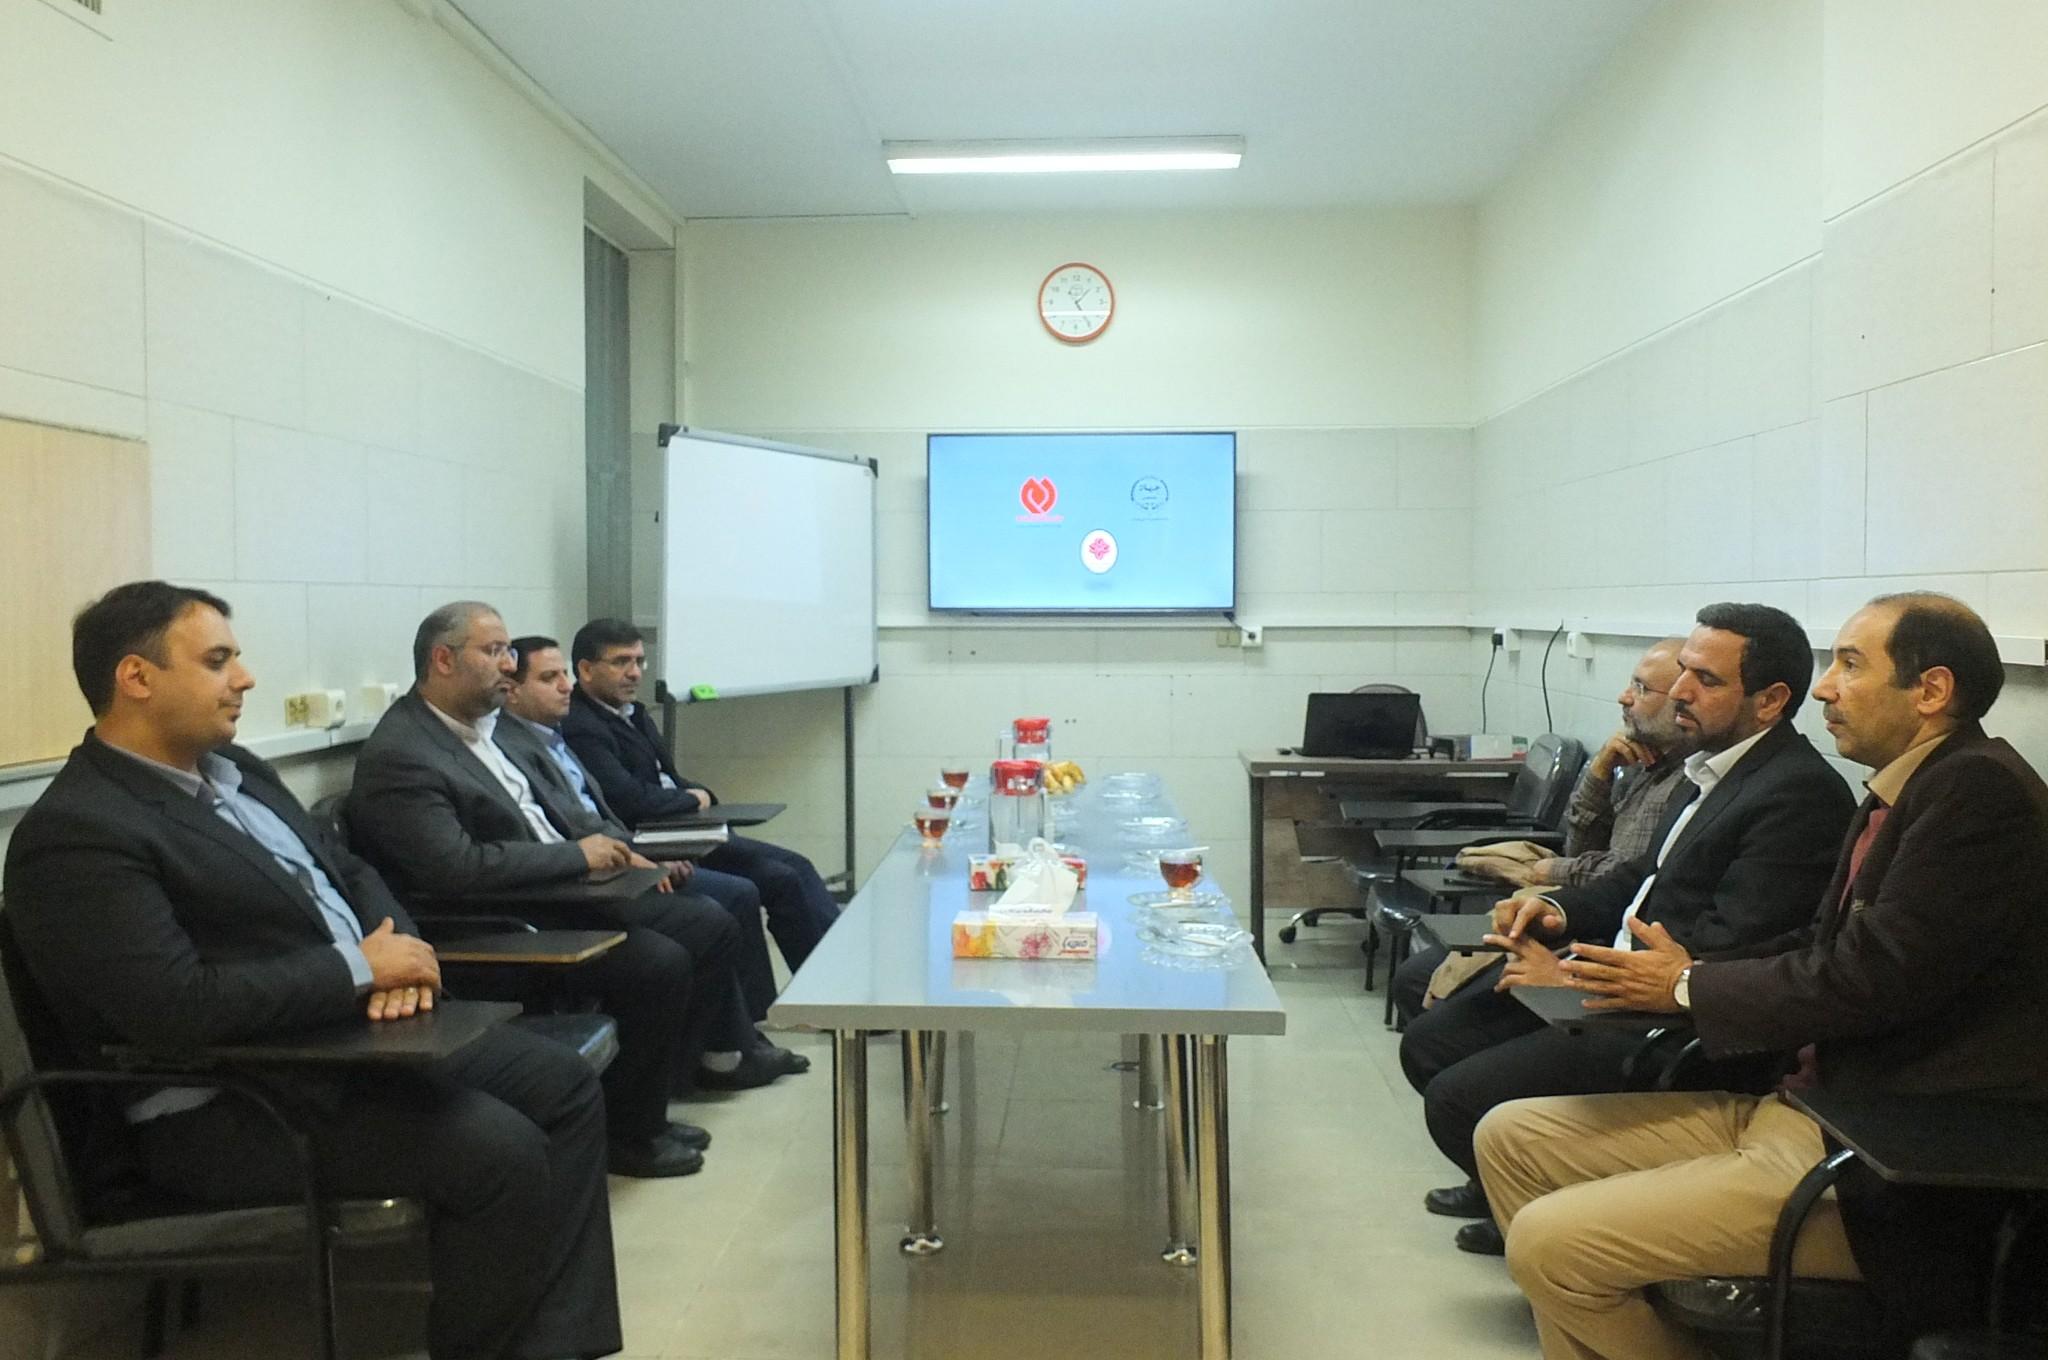 بازدید مدیران ارشد سازمان تجاری سازی از مرکز درمان درمنزل «دم»